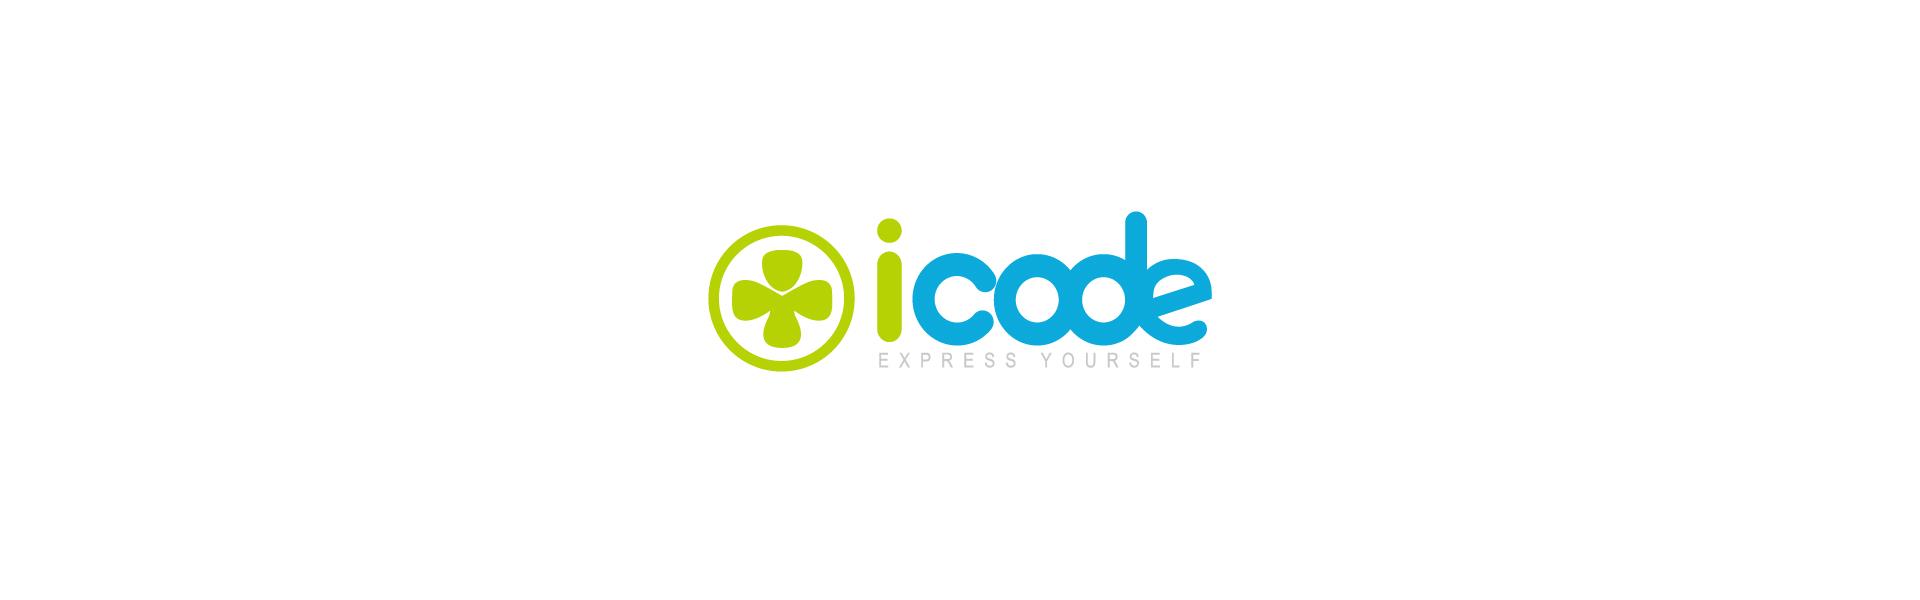 I-CODE